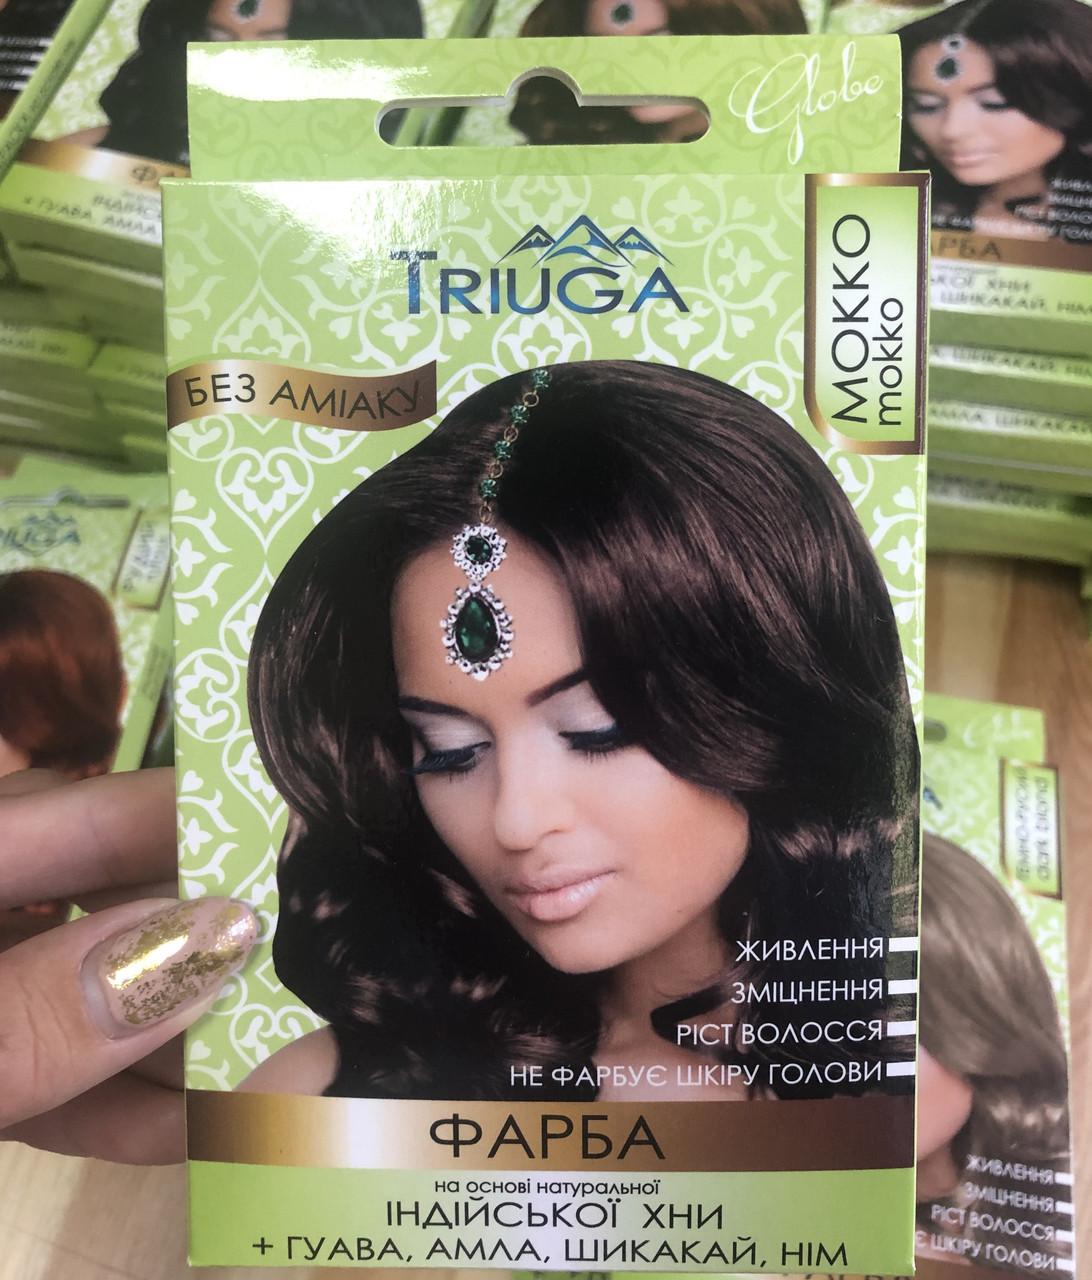 Фарба для волосся ( Мокко) натуральна на основі натуральної індійської хни без аміаку TRIUGA